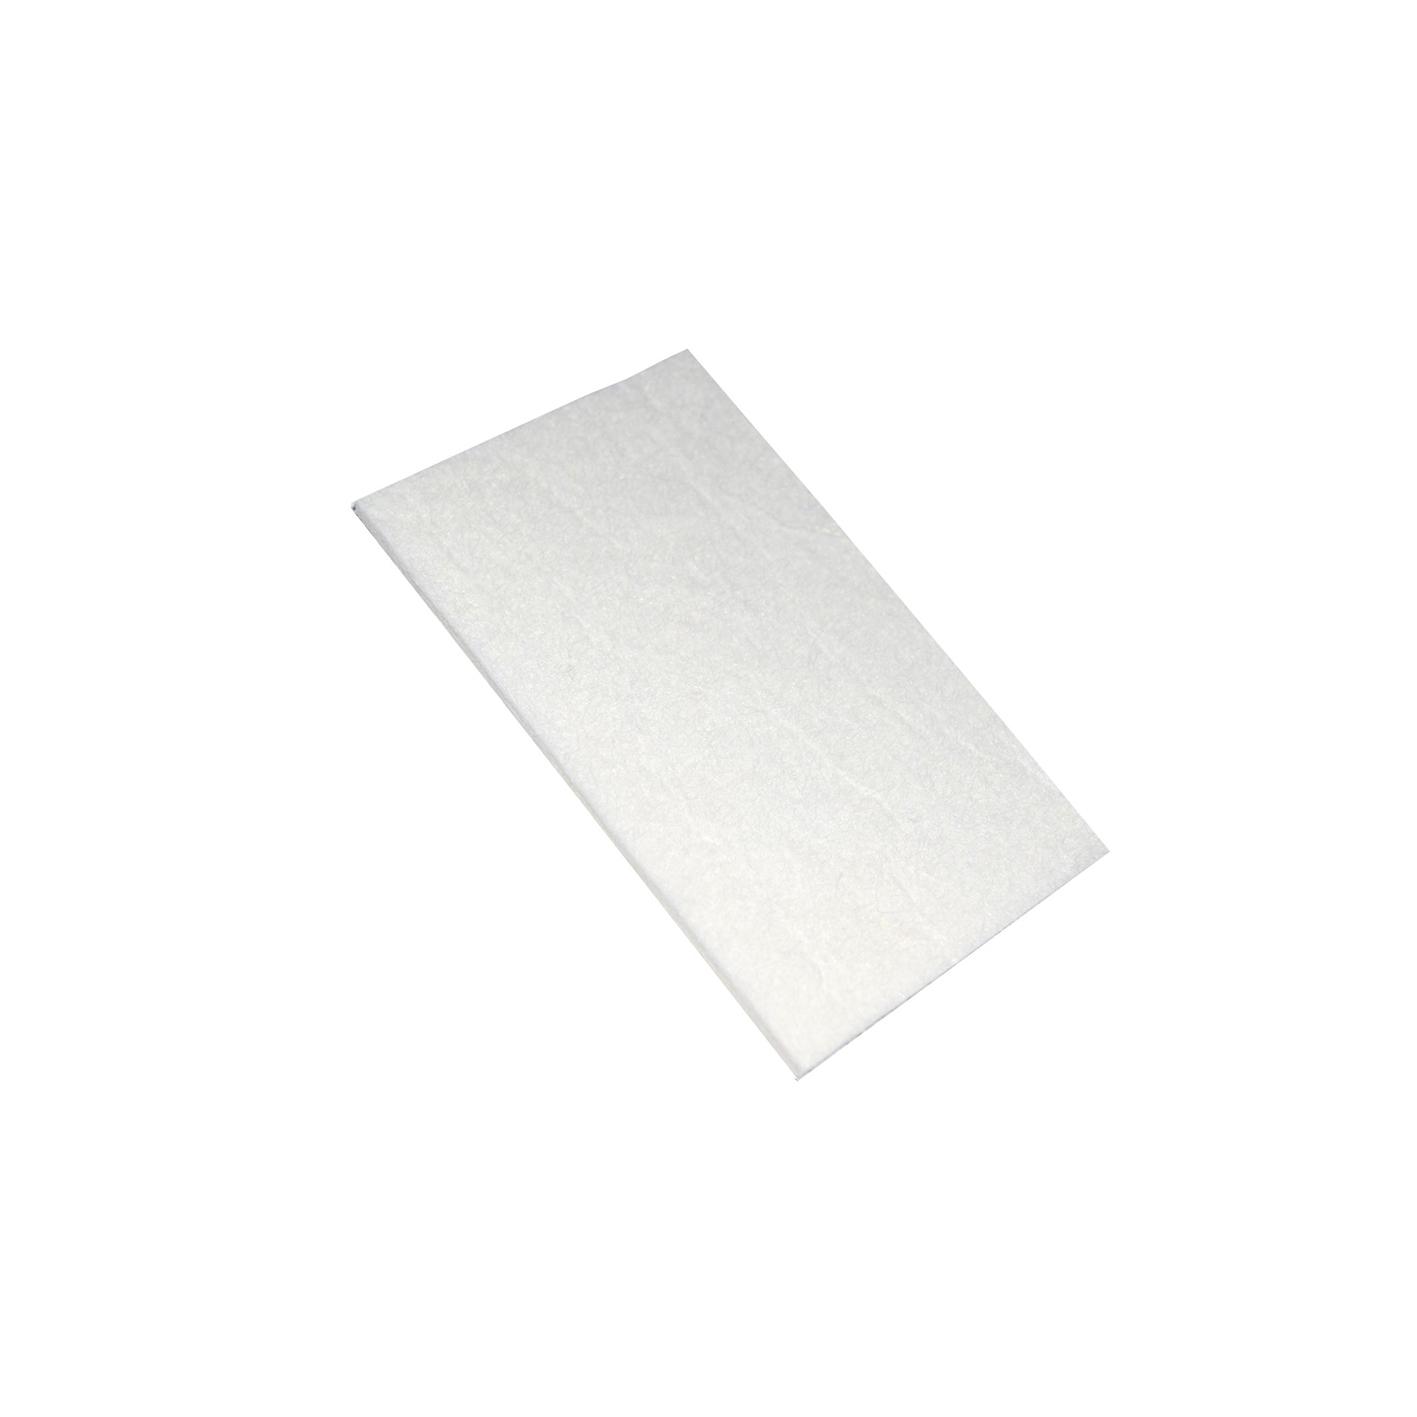 FELTRINI AD BIA 1 PLACC 50X100 PZ1